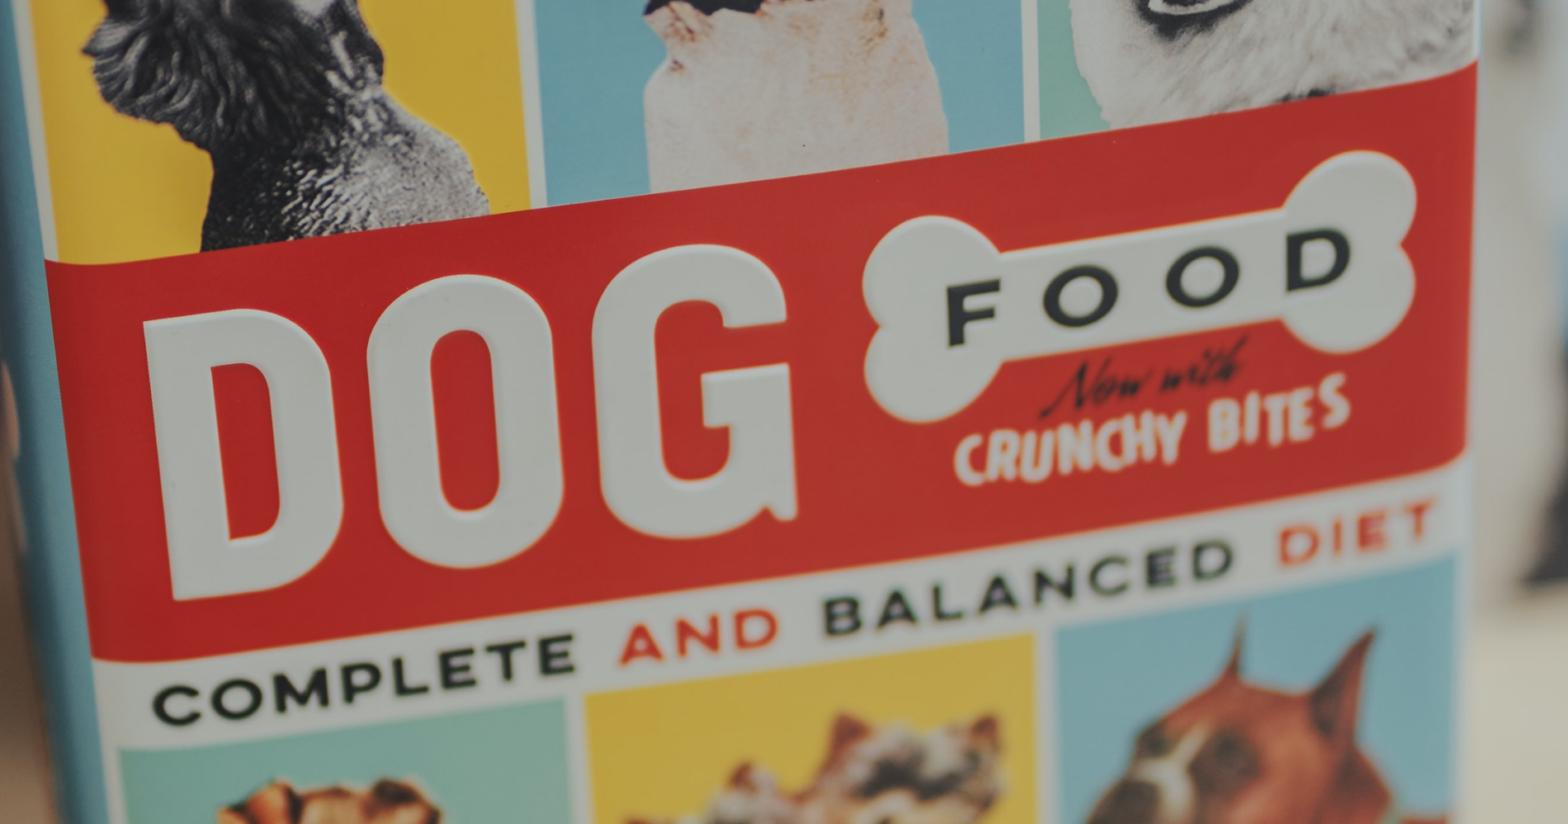 dog_food_tin